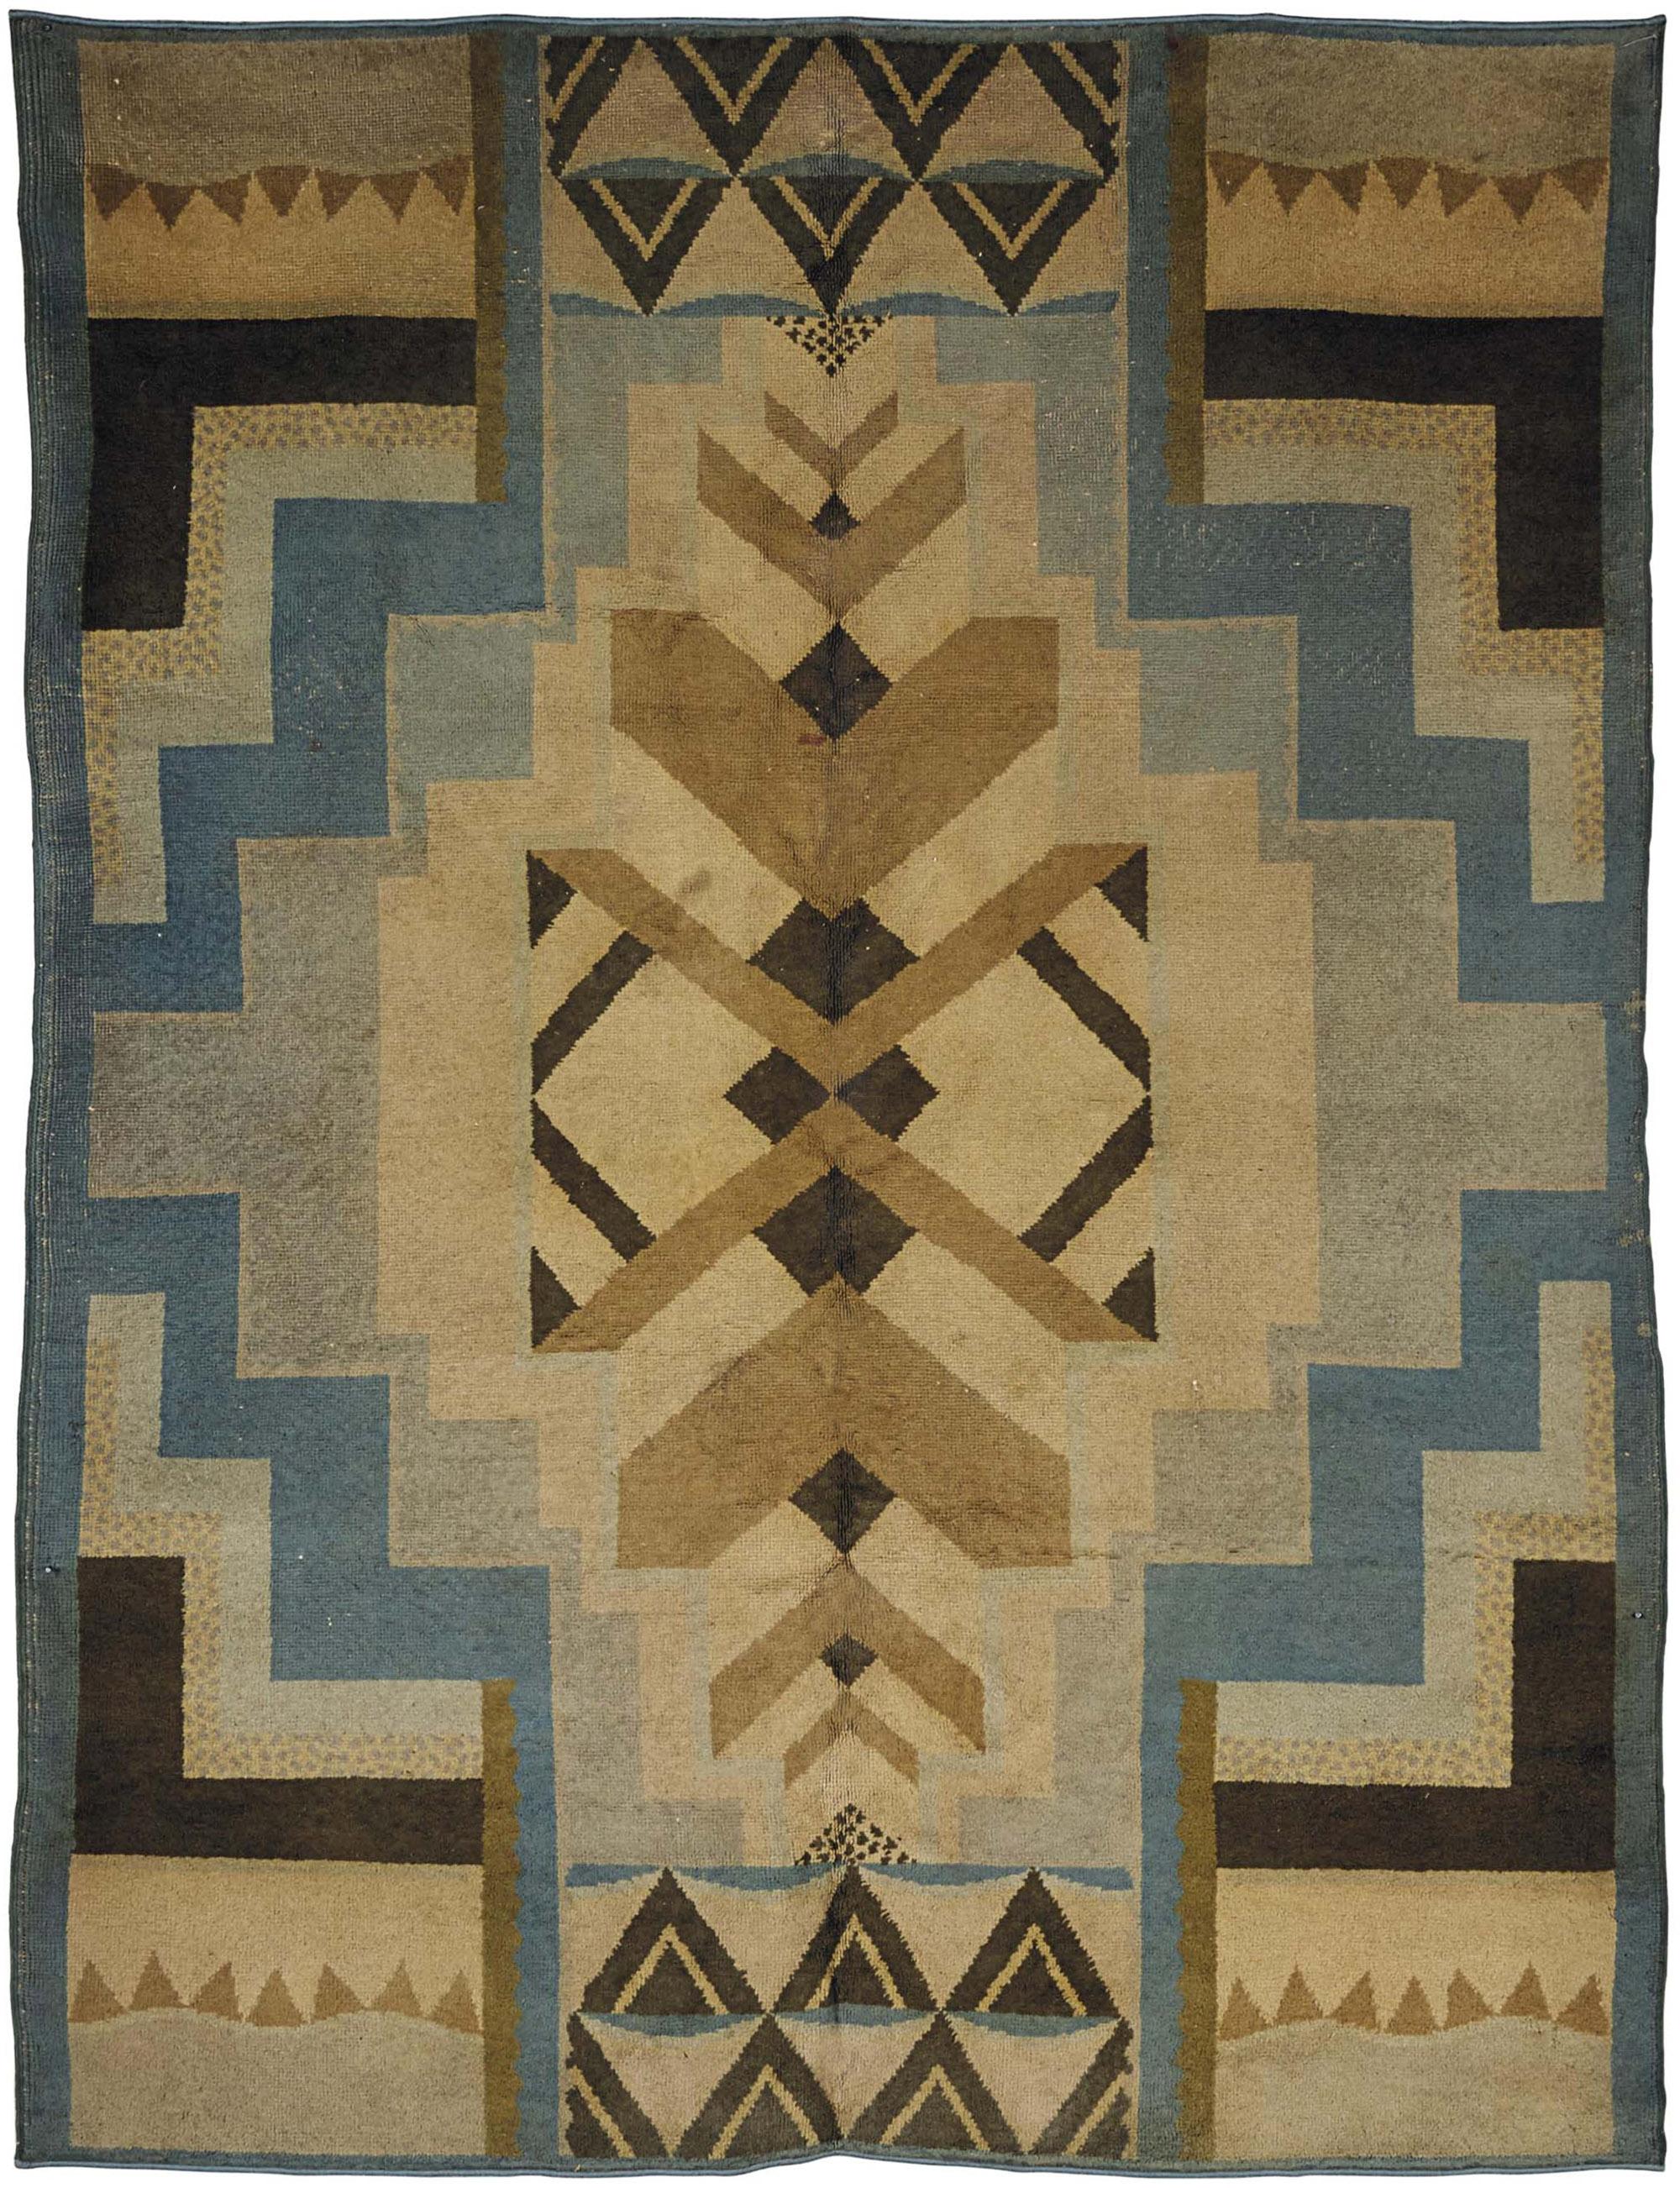 Unique Art Deco Rugs by Doris Leslie Blau YS47